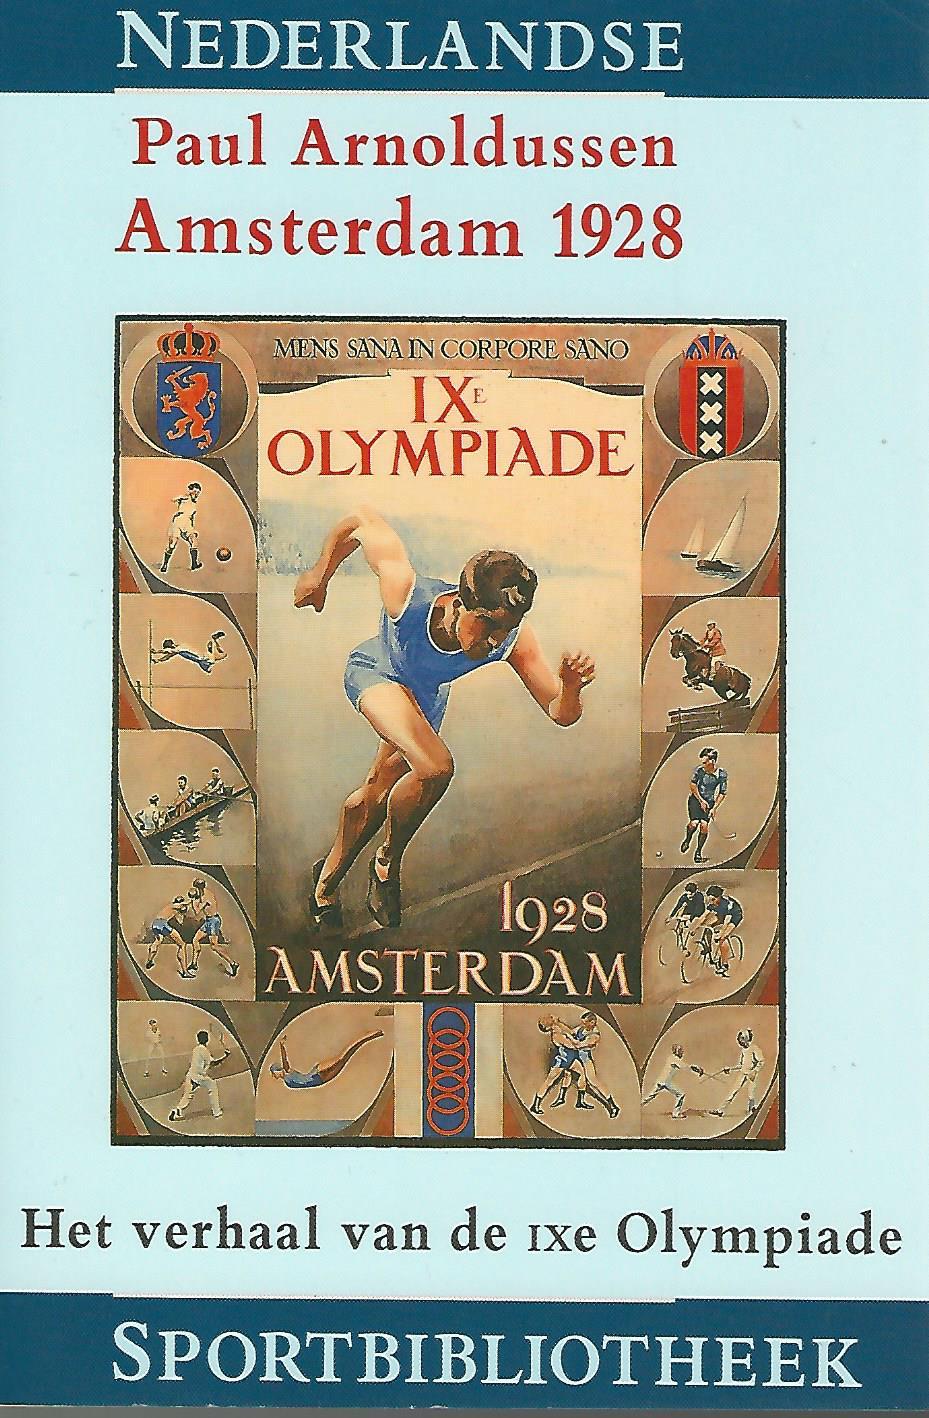 Afbeeldingsresultaat voor paul arnoldussen olympische spelen amsterdam 1928